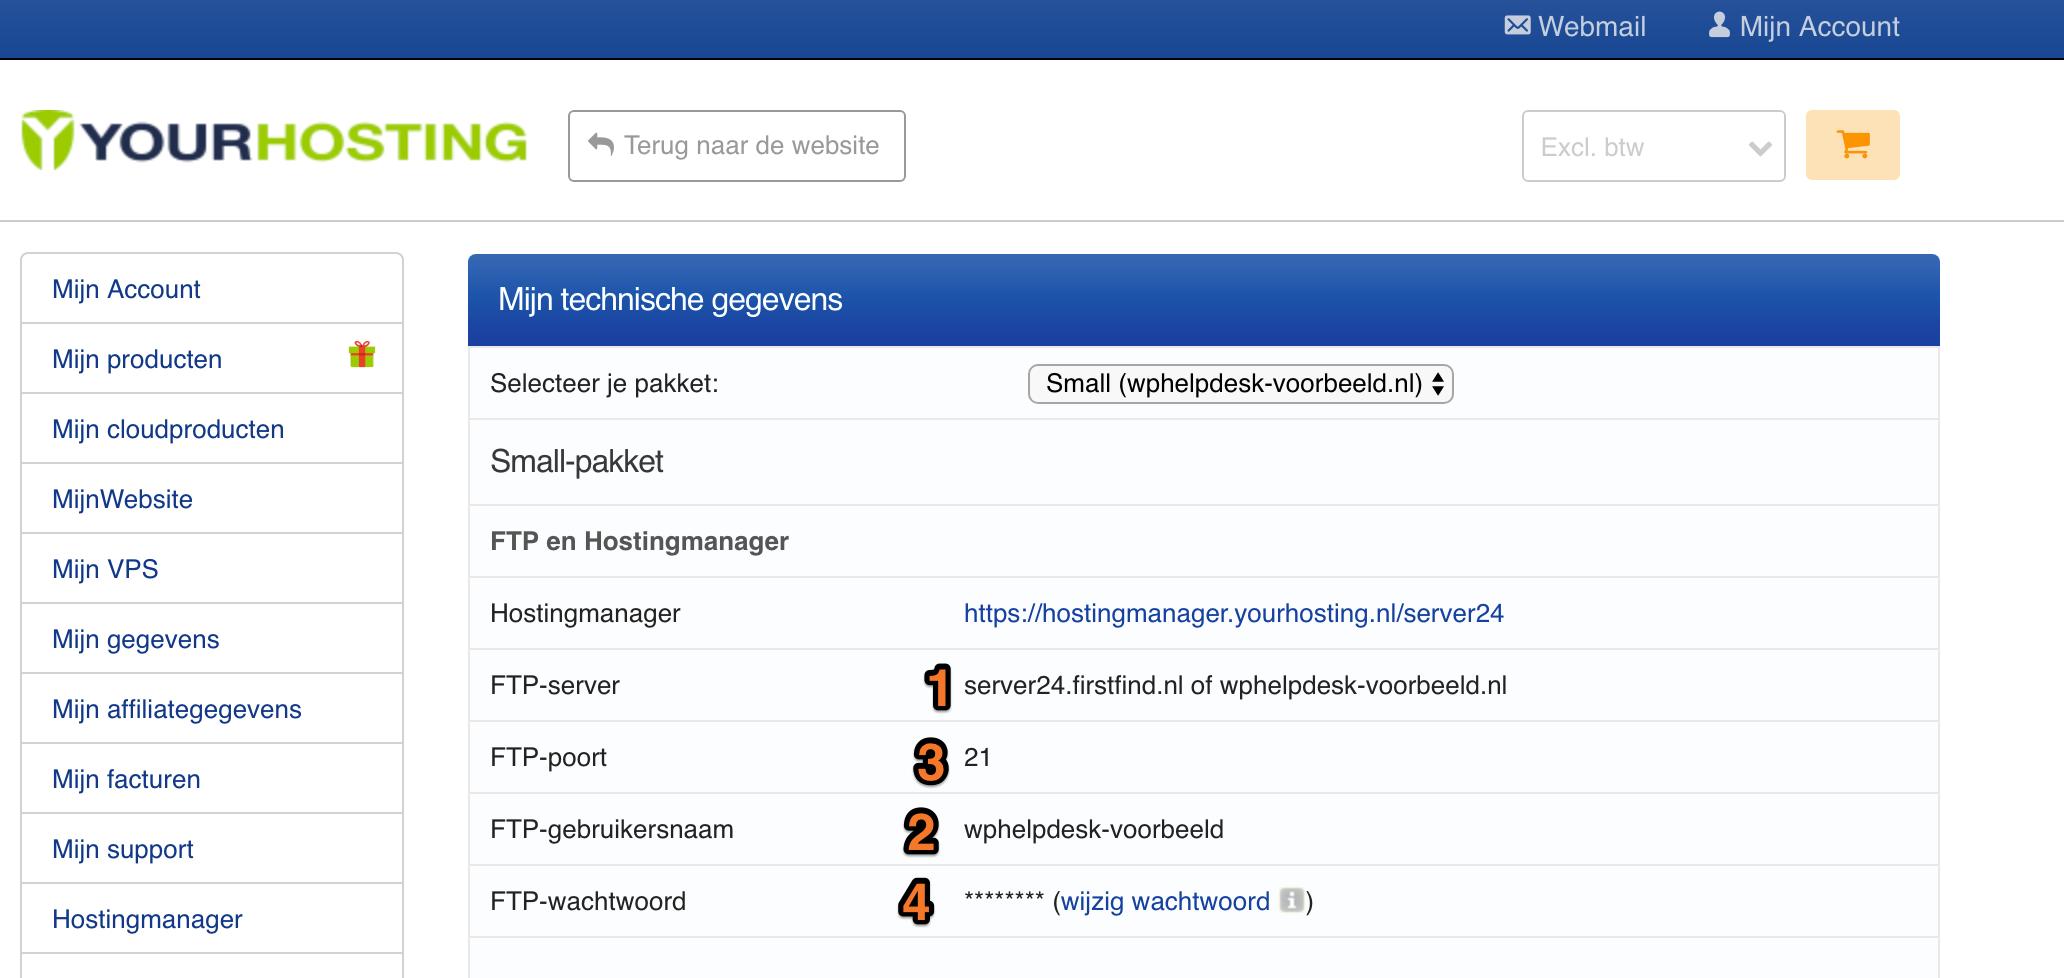 voorbeeld van het yourhosting beheerpaneel sftp gegevens overzicht